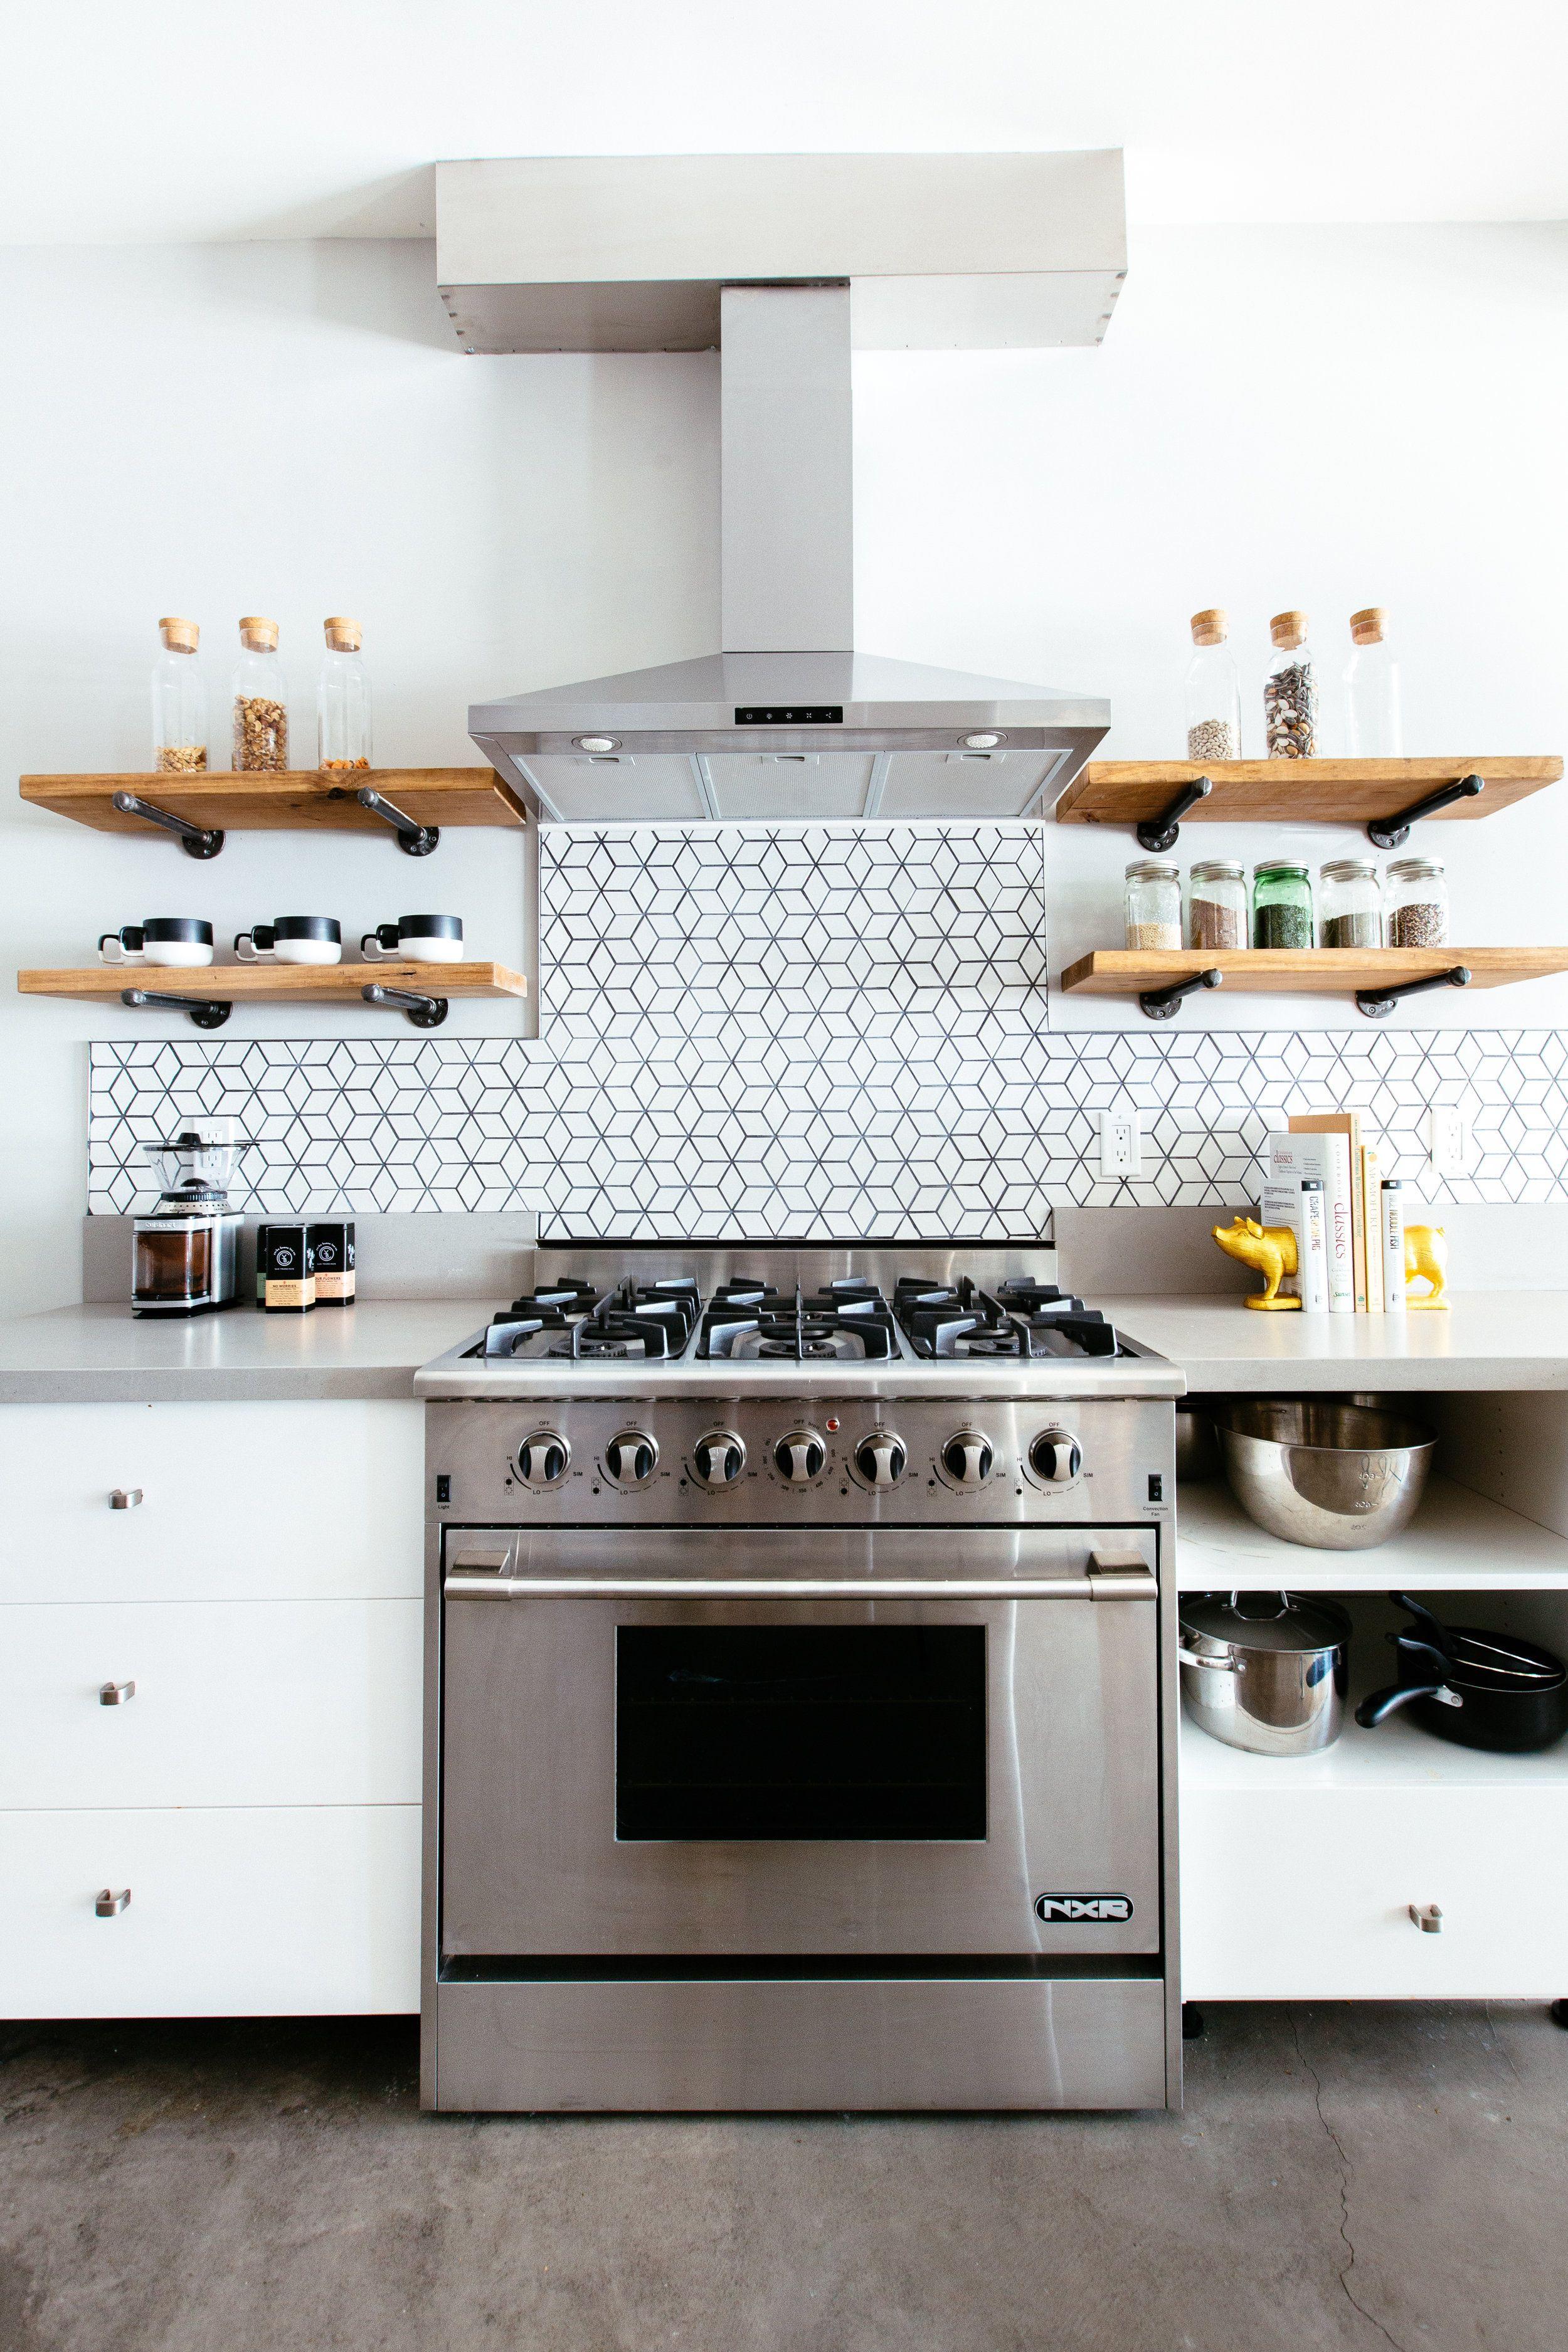 Interior Design by Noz Nozawa | Noz Design | The kitchen dining ...